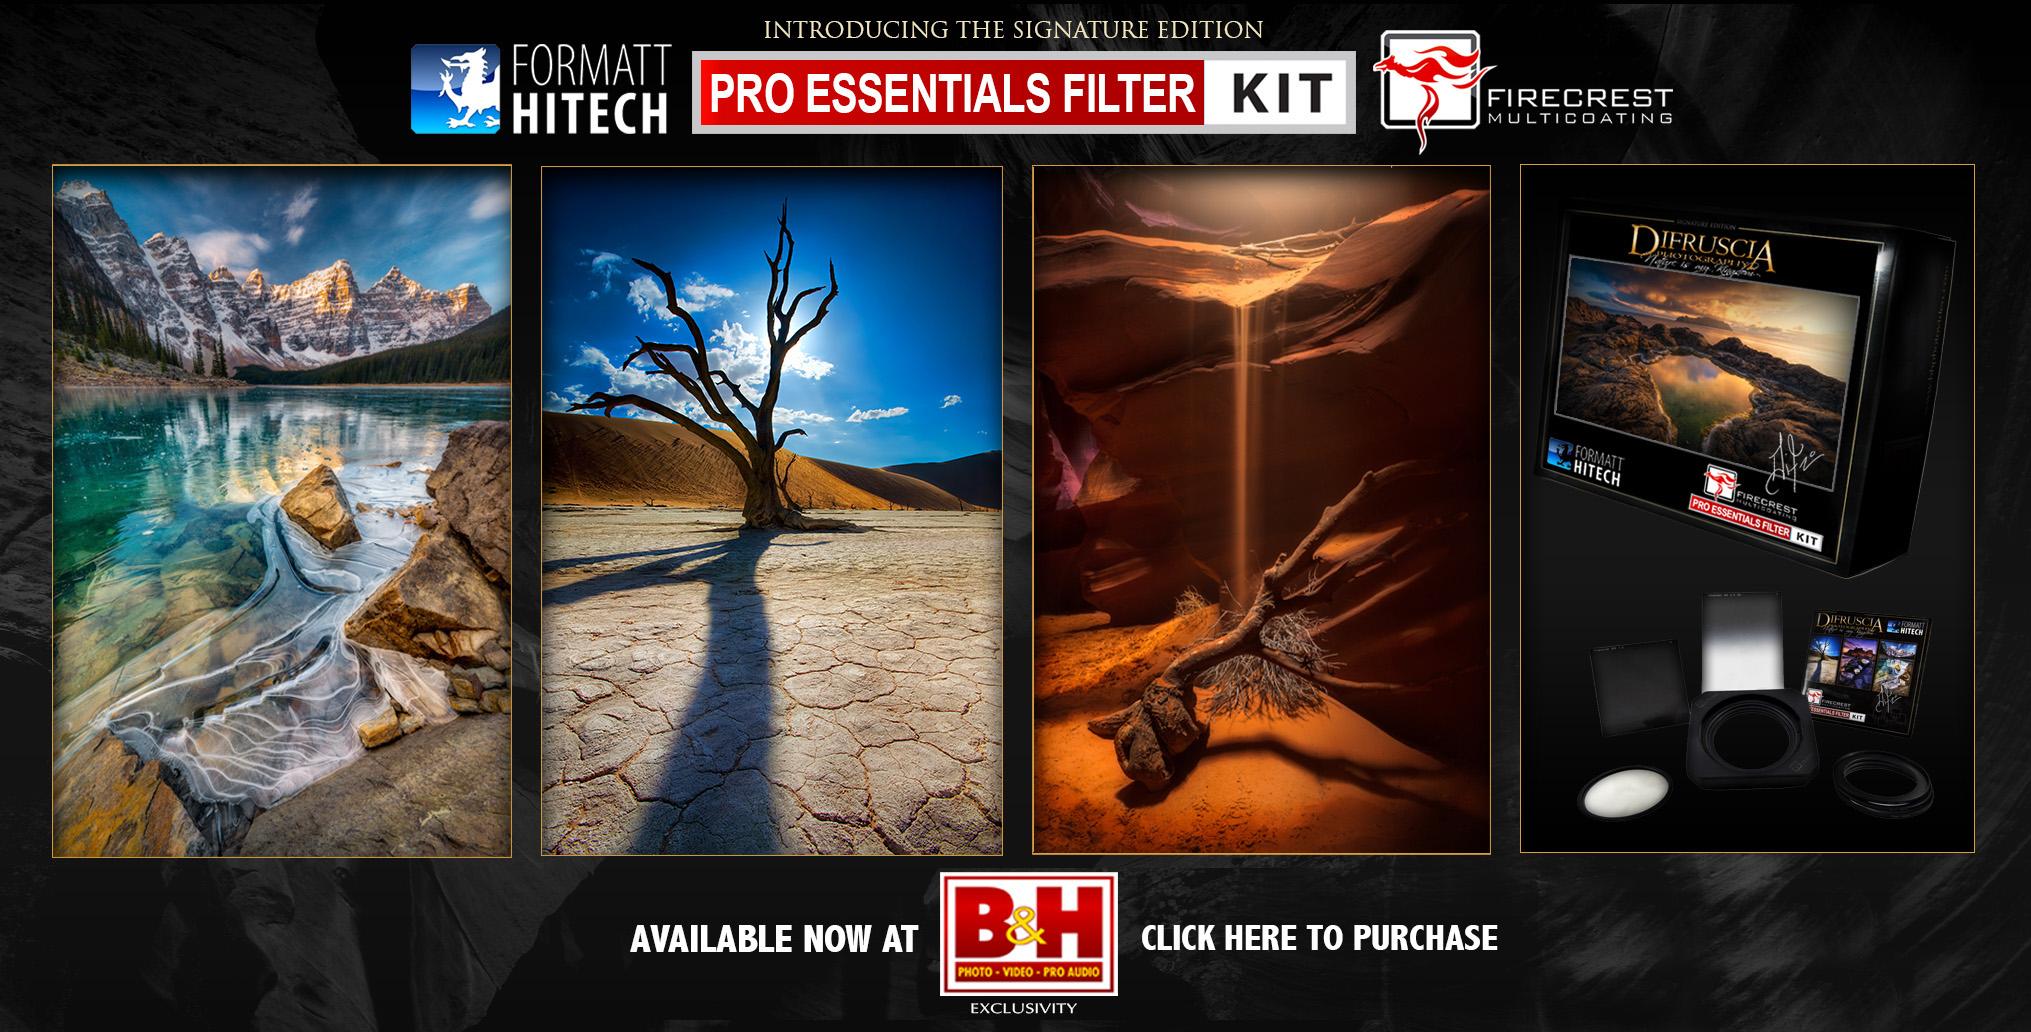 Formatt HiTech Firecrest copy